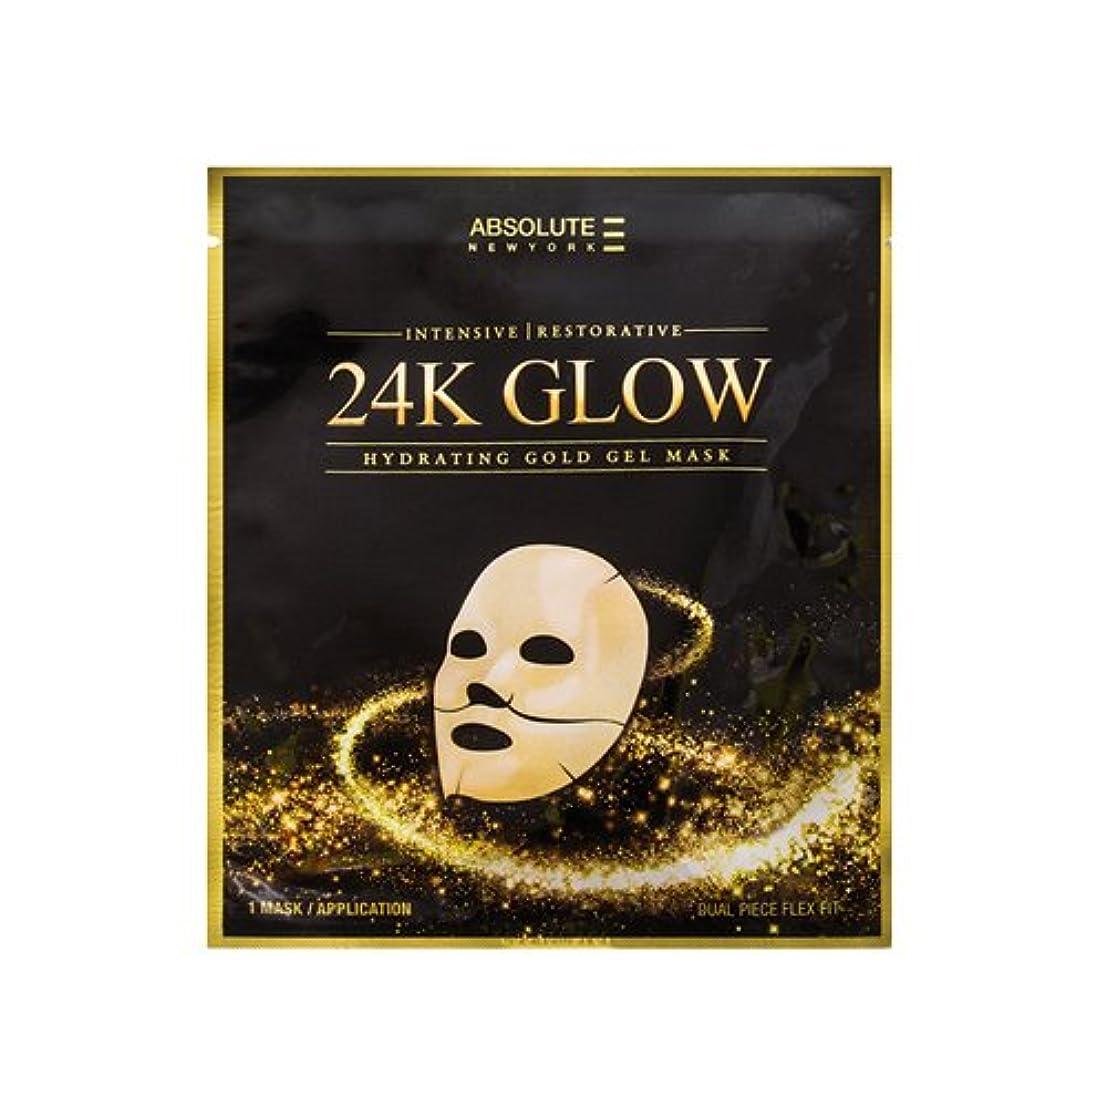 モネ魚不健康Absolute 24K Glow Gold Gel Mask (並行輸入品)